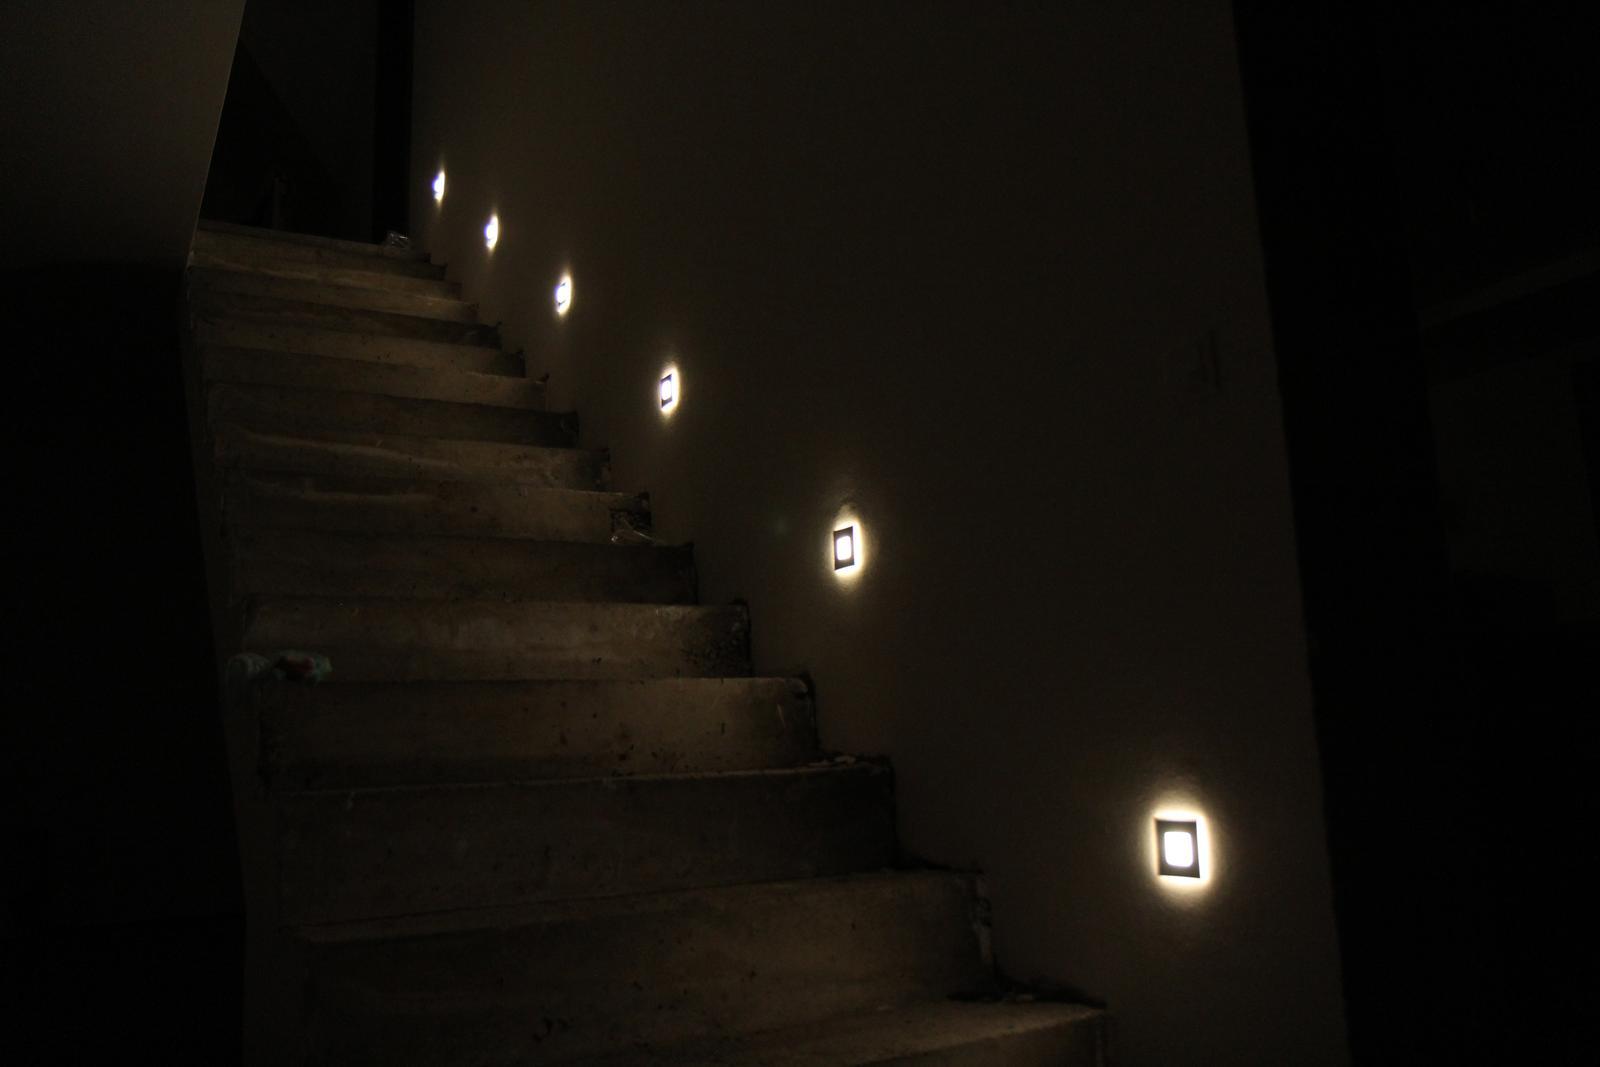 Tak jde čas aneb jak si stavíme sen :-) - Světla hotové, za 4 dny budou schody:-)